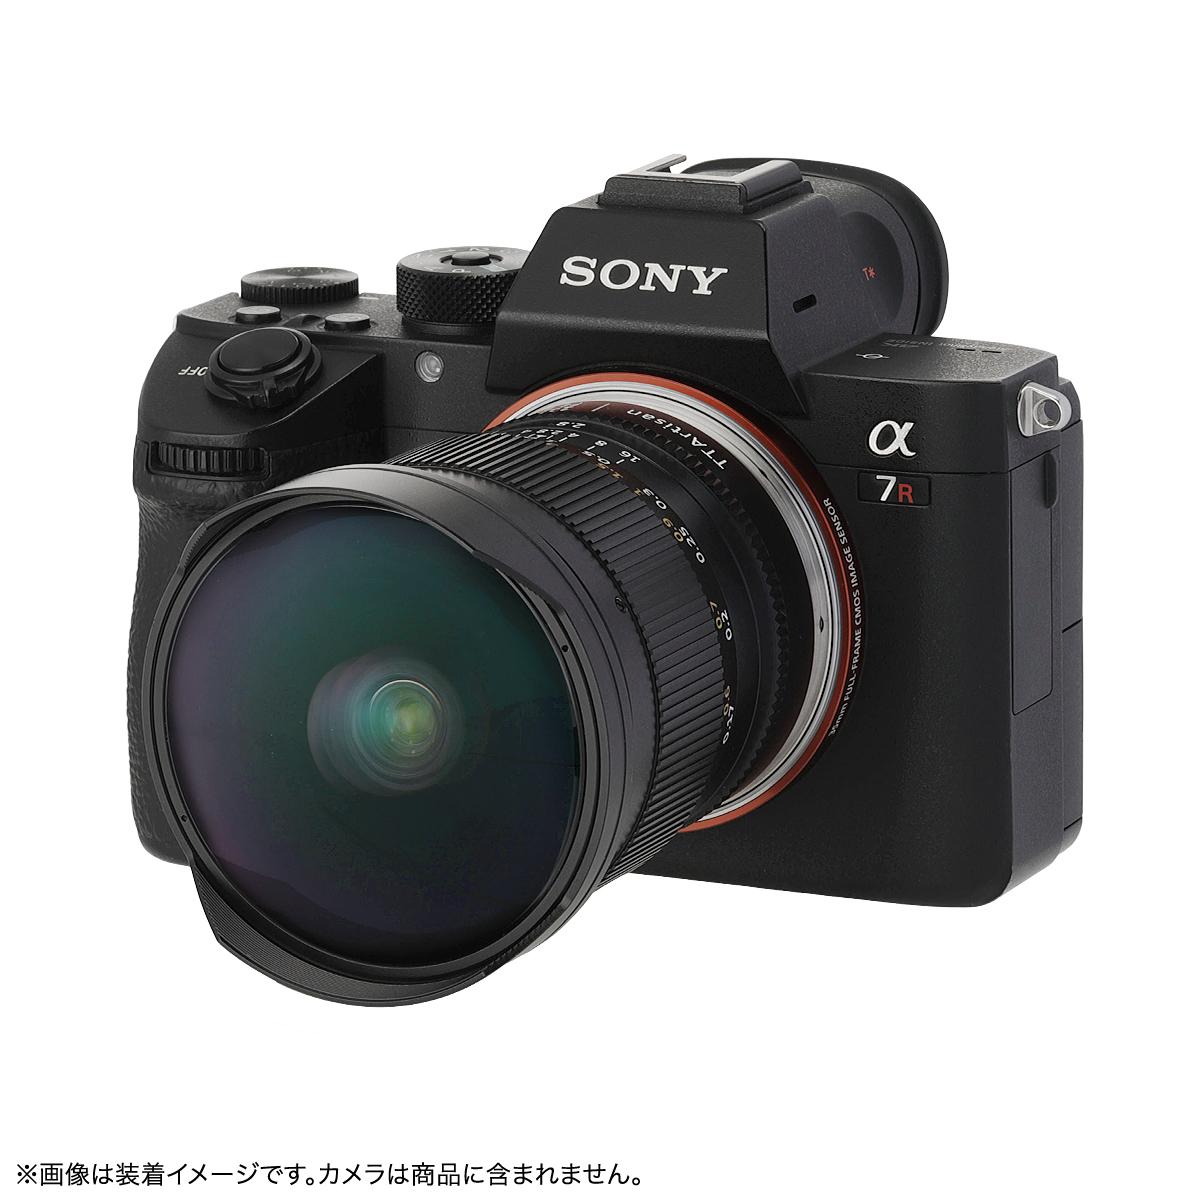 銘匠光学 TTArtisan 11mm f/2.8 Fisheye 単焦点レンズ ミラーレス版